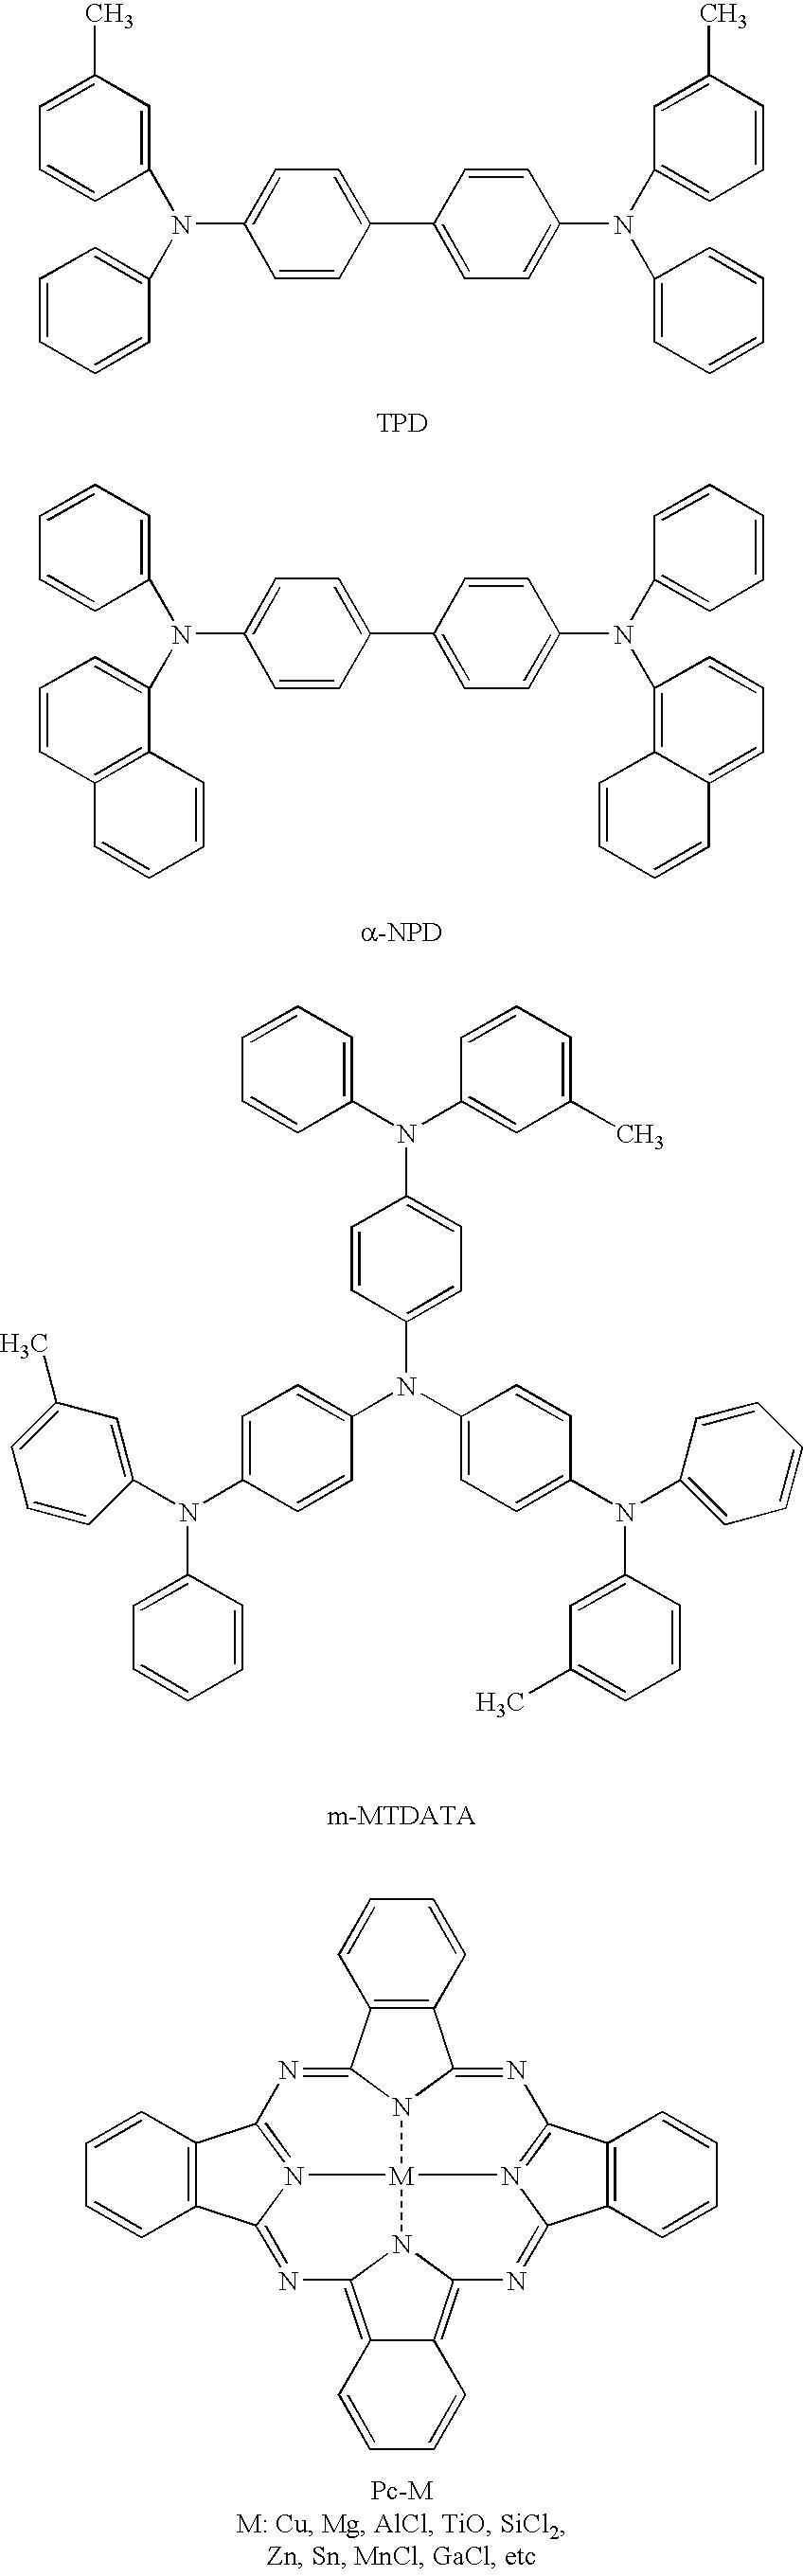 Figure US20060068221A1-20060330-C00358